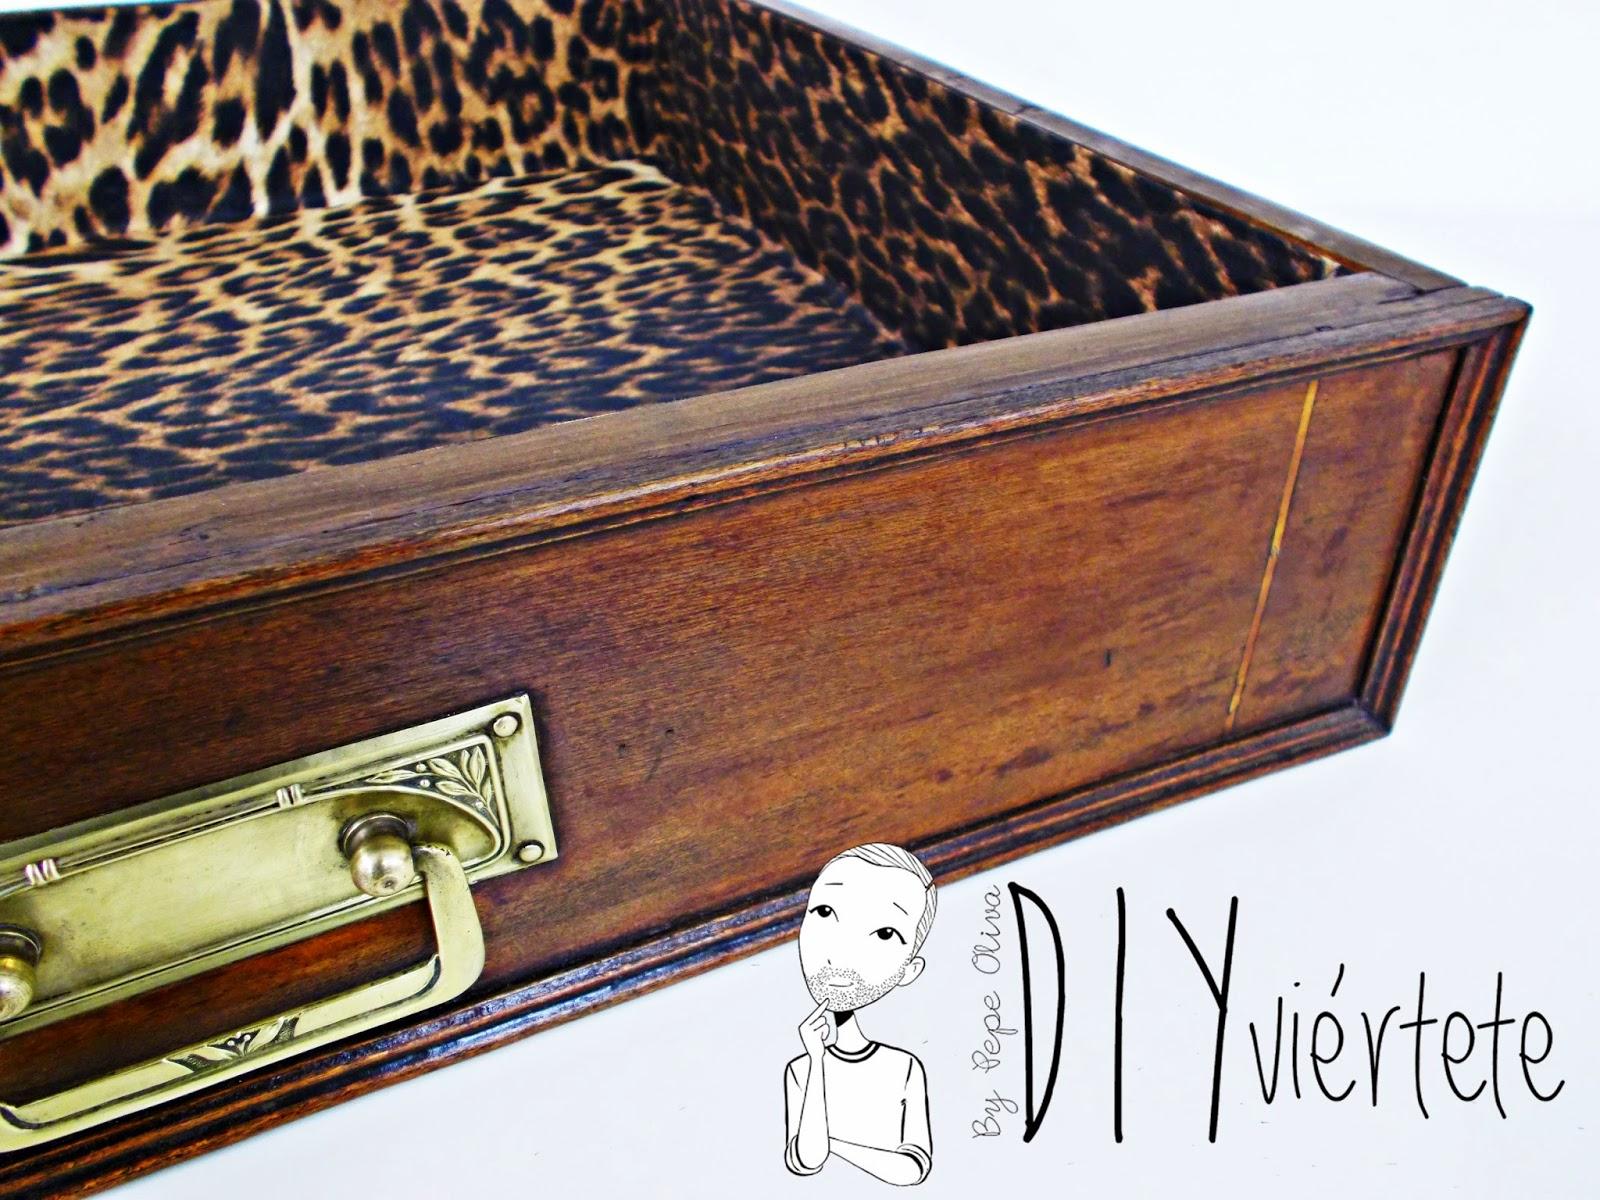 DIY-decoración-cómoda-mueble-restaurar-forrar-cajones-tela-leopardo-1